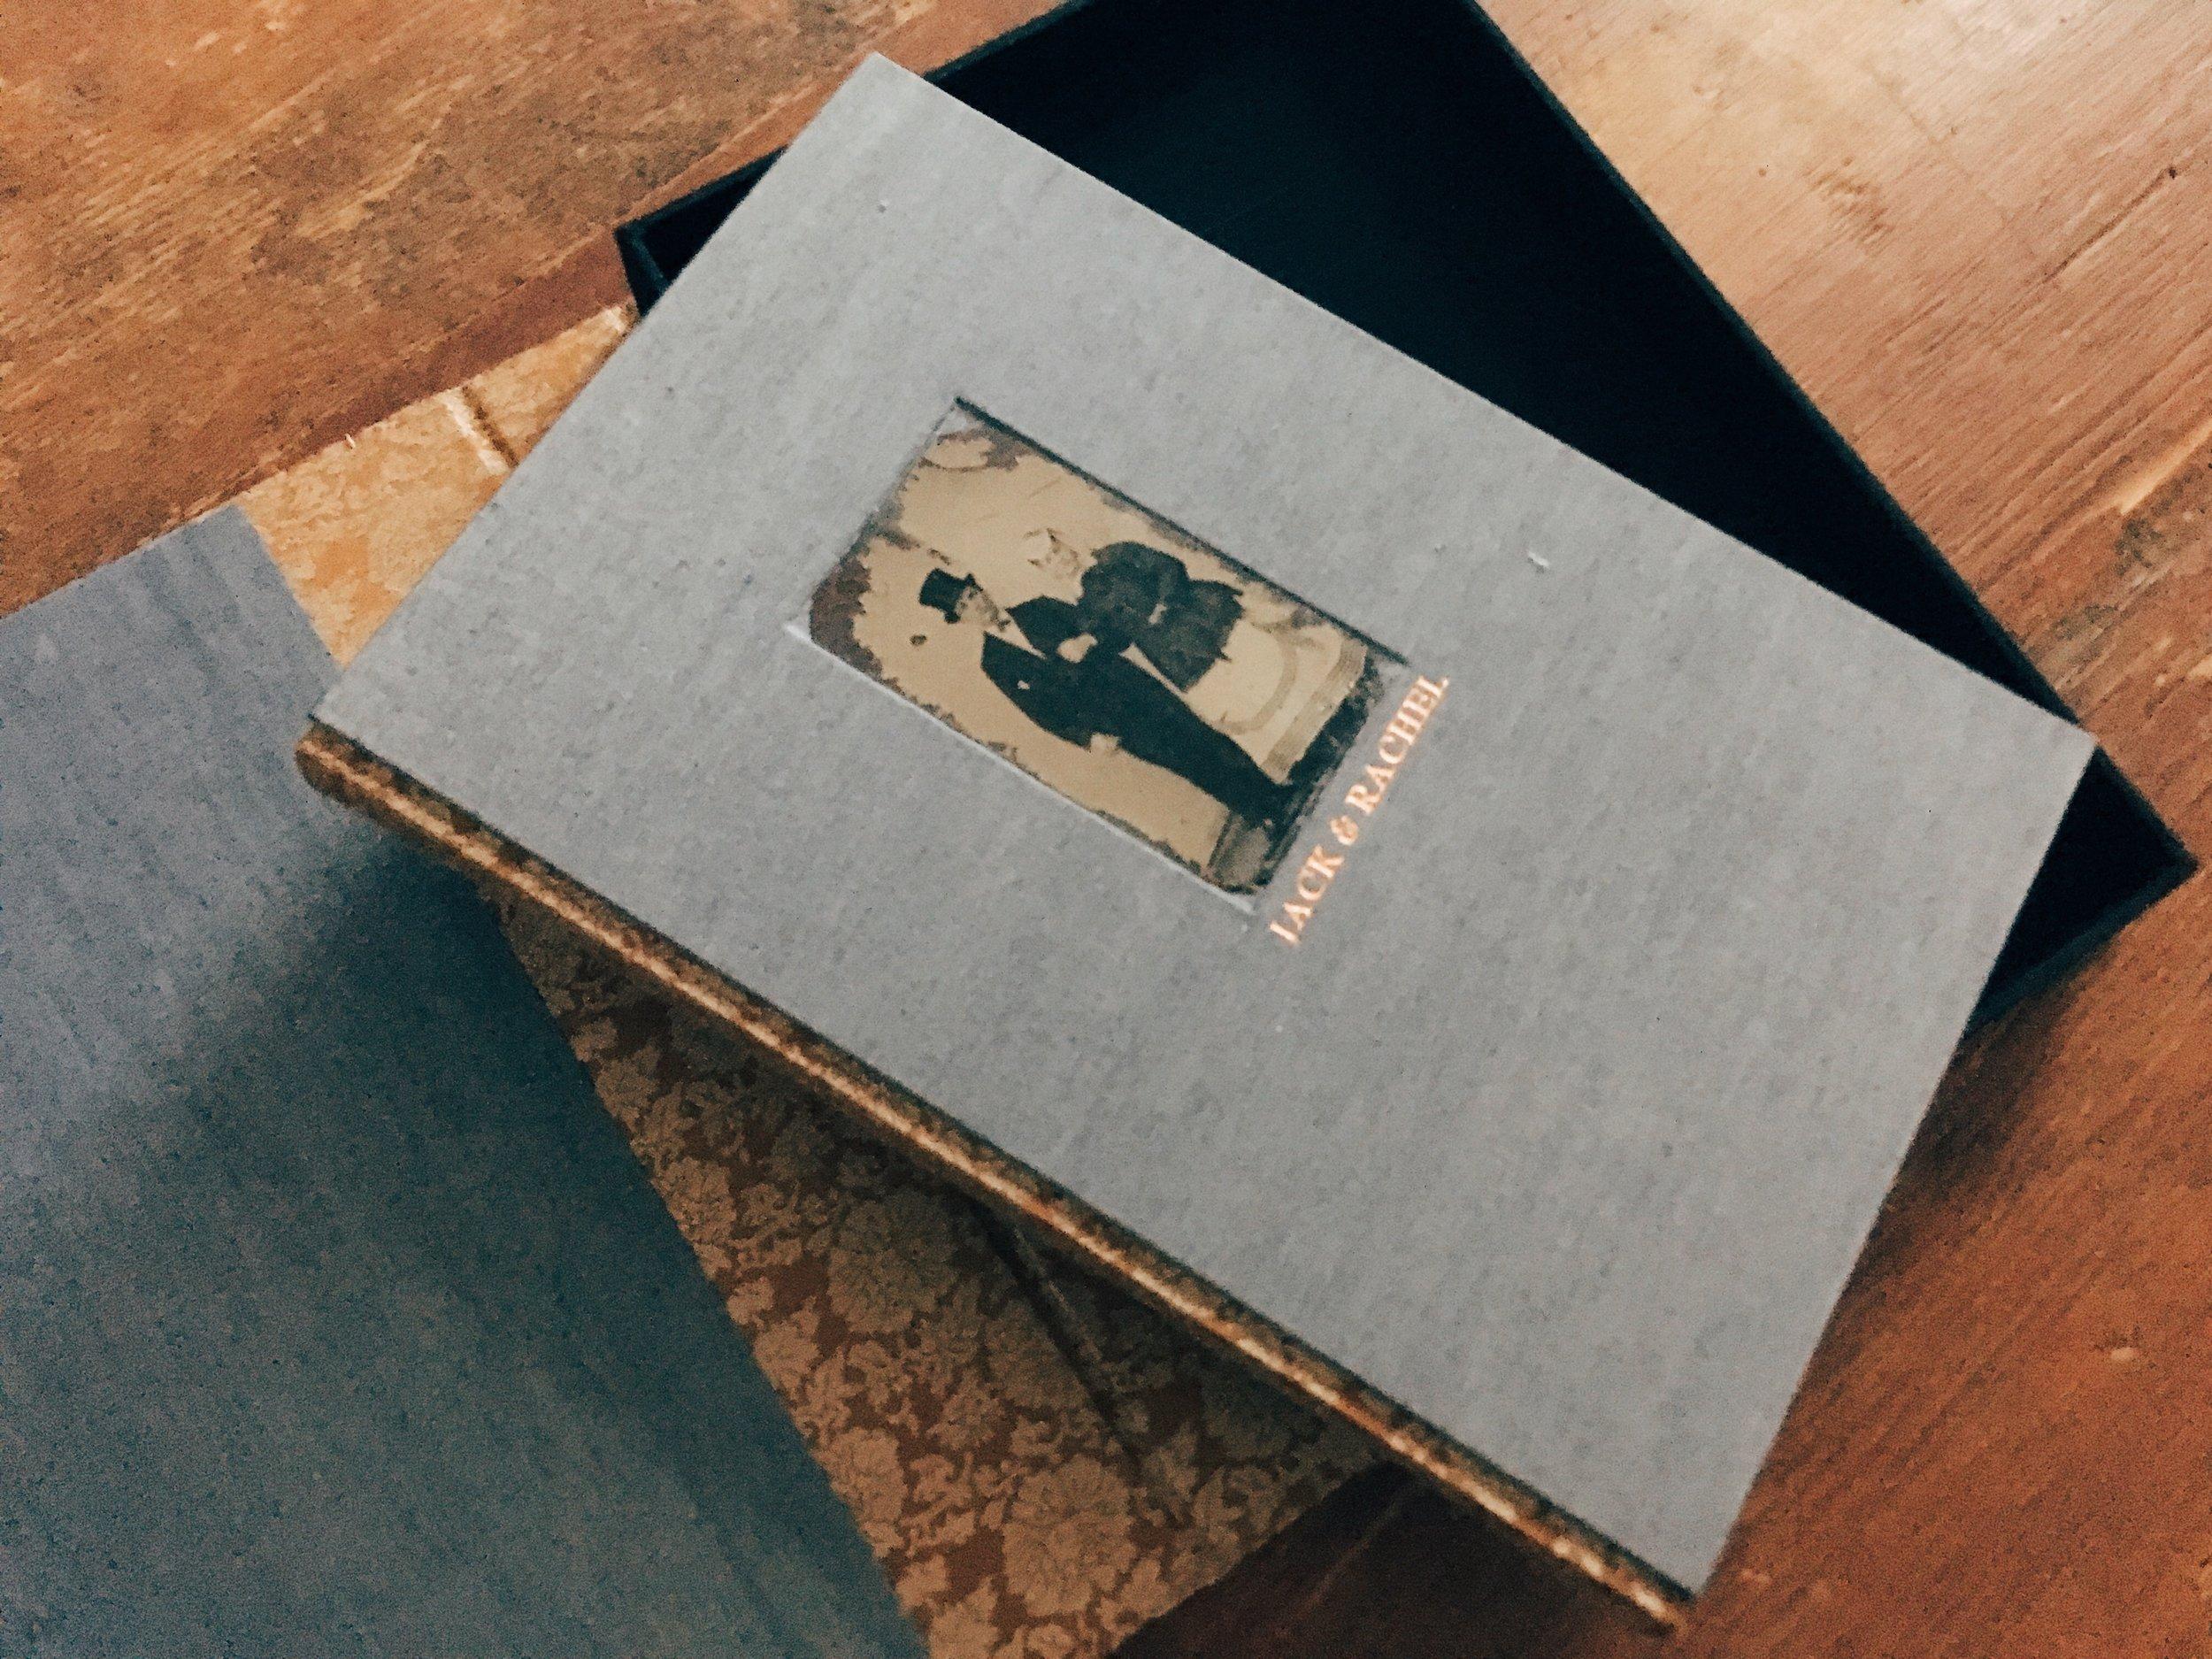 dski-design-custom-wedding-guest-book-2.jpg